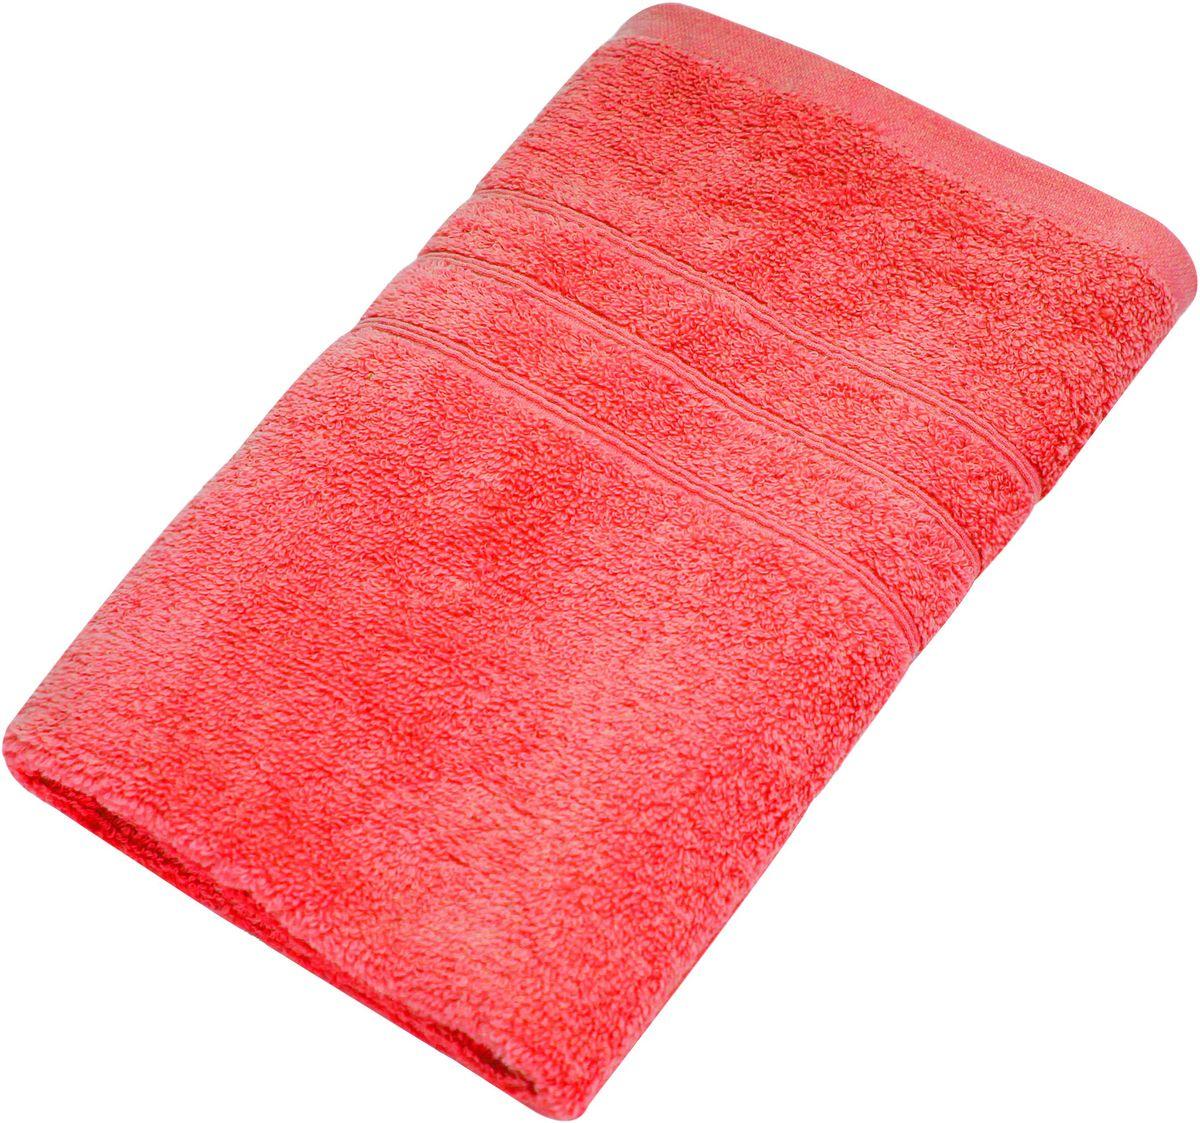 Полотенце Proffi Home Модерн, цвет: красный, 50 x 100 см1004900000360Мягкое махровое полотенцеProffi Home Модерн отлично впитывает влагу и быстро сохнет, приятно в него завернуться после принятия ванны или посещения сауны. Поэтому данное махровое полотенце можно использовать в качестве душевого, банного или пляжного полотенца. Состав: 100% хлопок.